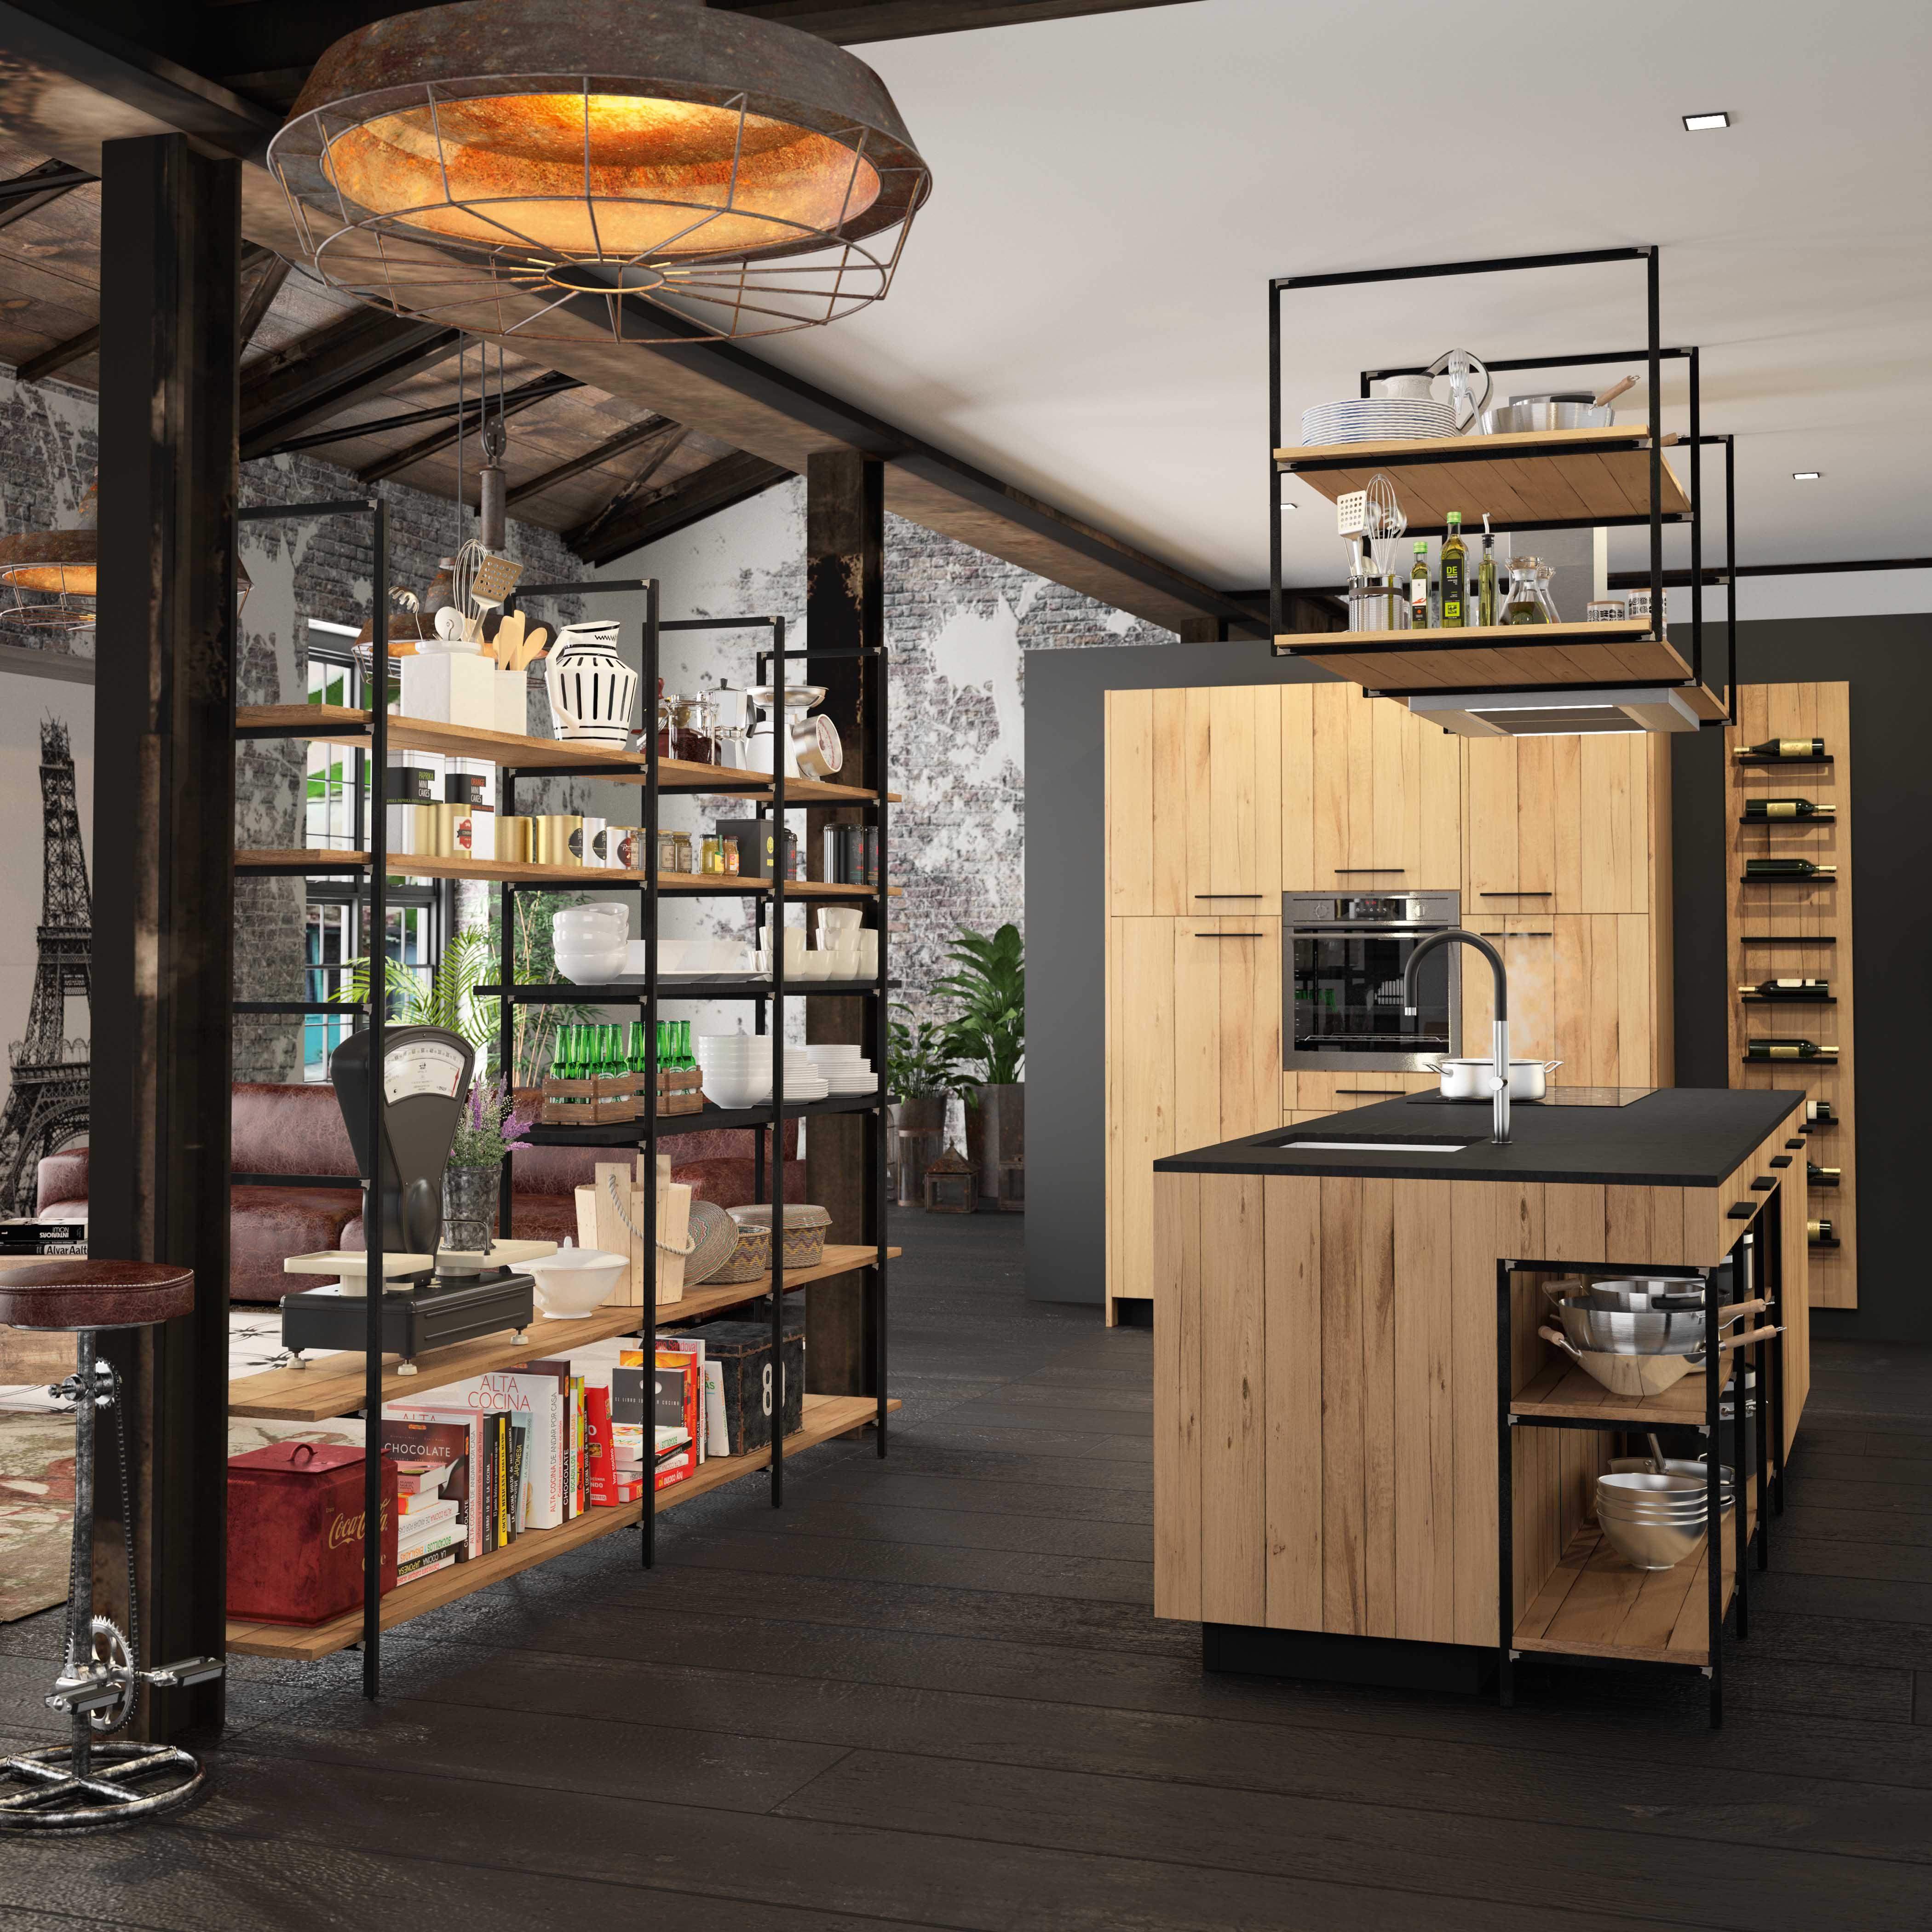 Esquisse design industriel interieur littoz - Cuisine morel ...